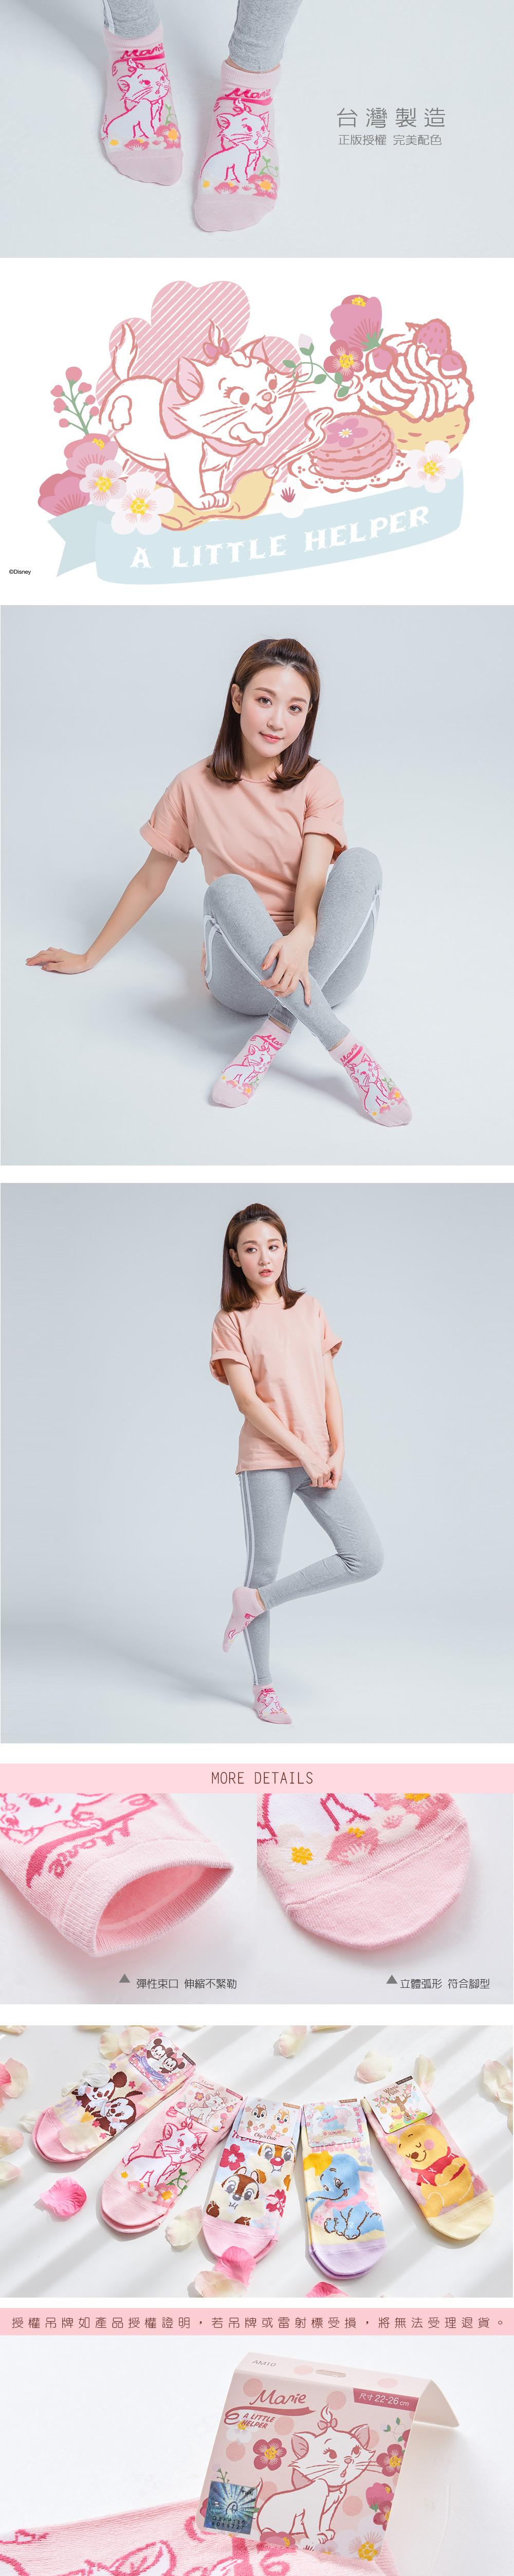 瑪麗貓櫻花系列直版襪-02